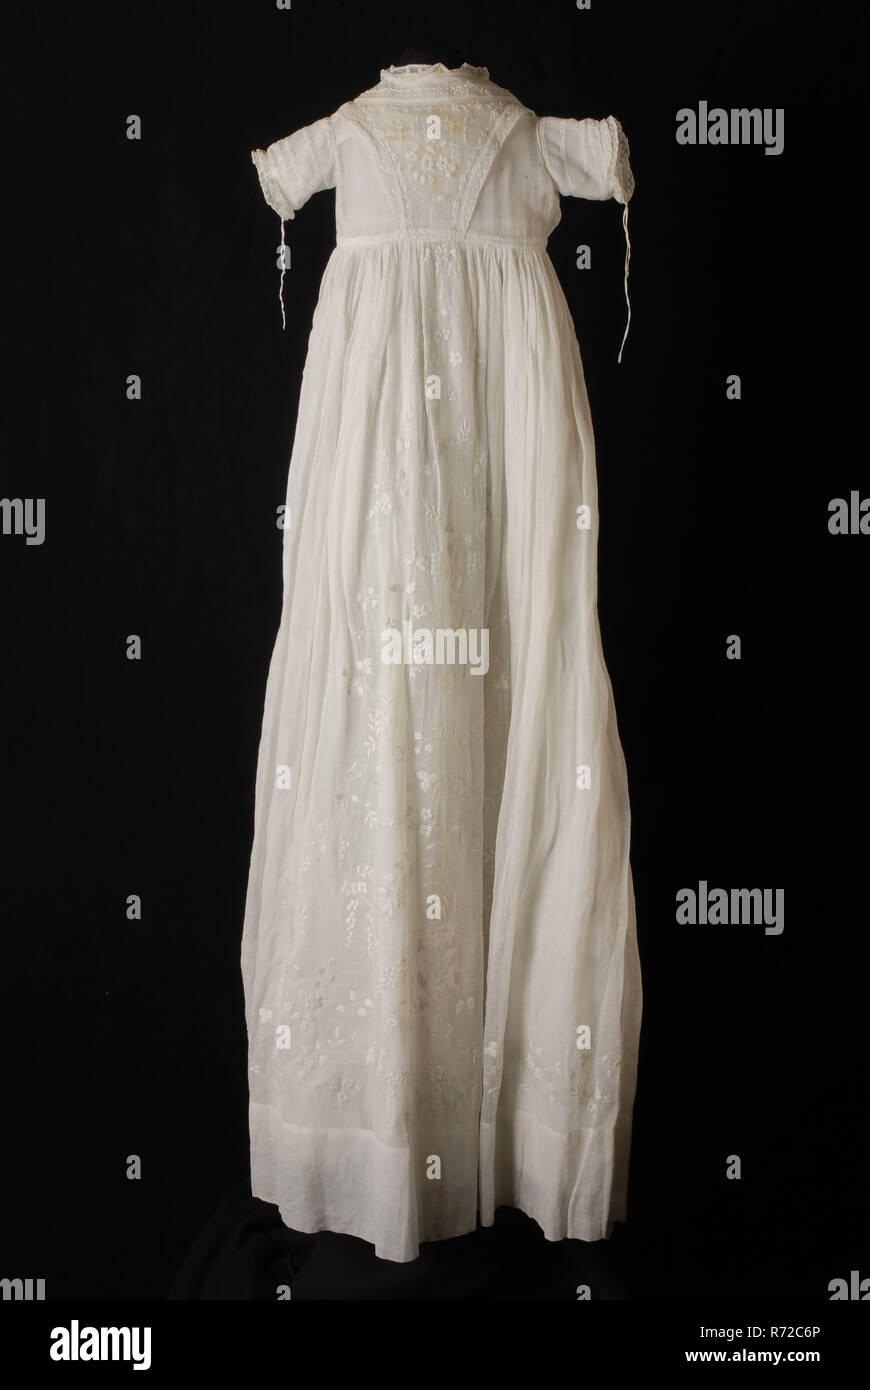 Robe de baptême Longue evasee de batiste blanche, en forme de V et plaid jupe brodée de plumetis fine, manches courtes, avec une robe de baptême, vêtements Vêtements pour bébés Vêtements pour enfants vêtements occasion coton batist milieu dos, jupe, épaule w 22,0 w 104,0 manchon, en vertu de la broderie flocage textile batiste blanche robe avec broderies en forme de sablier à l'avant manches courtes robe de coton blanc robe de baptême baptême des enfants de l'église cérémonie religieuse religion Photo Stock